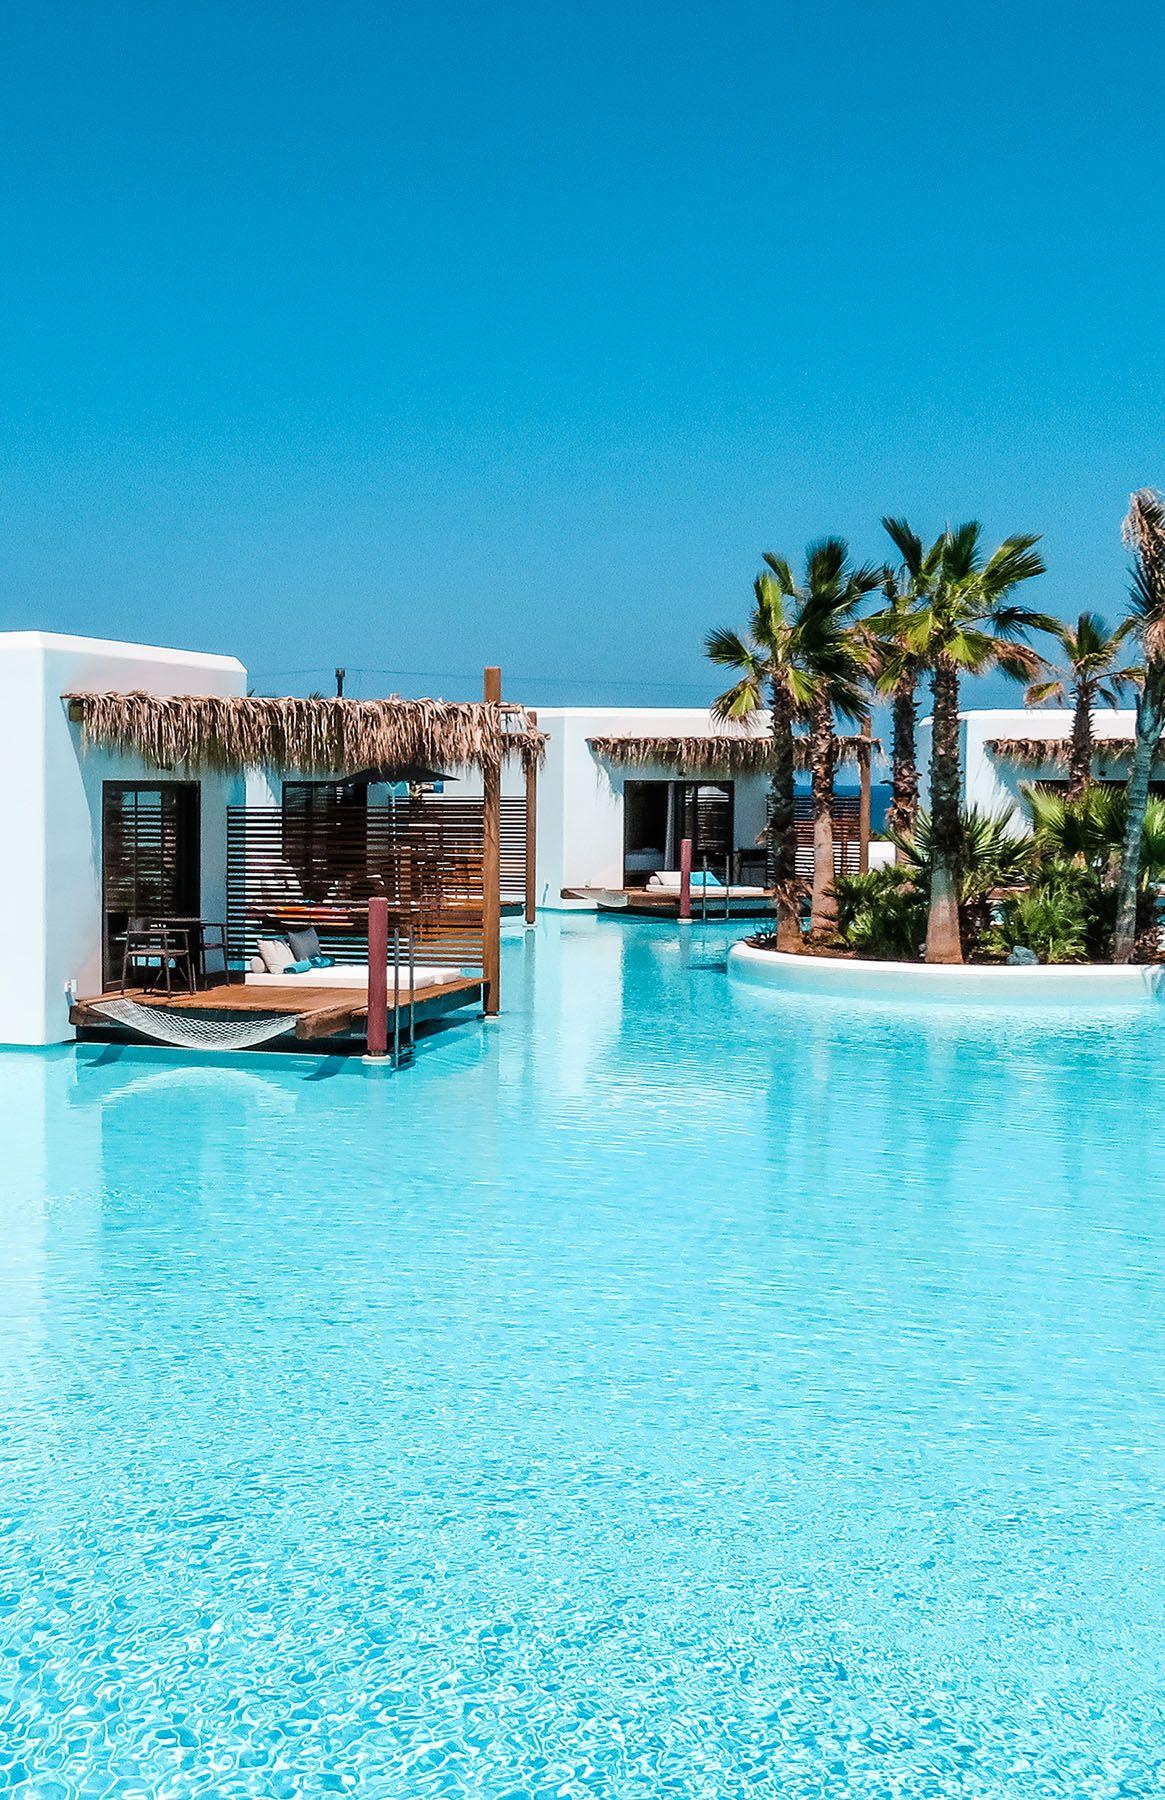 Das luxuriöse 5-Sterne Hotel Stella Island Luxury Resort & Spa auf Kreta ist ein absoluter Traum und bietet jeglichen Komfort. Auf dem Reiseblog Ninifeh findet ihr eine ausführliche Beschreibung und Übersicht über das Hotel sowie Tipps und Bilder. Das Highlight ist der Lagunen-Pool, der sich um das gesamte Resort erstreckt. #GriechenlandUrlaub #LuxusHotel #PoolGoals #KretaHotel